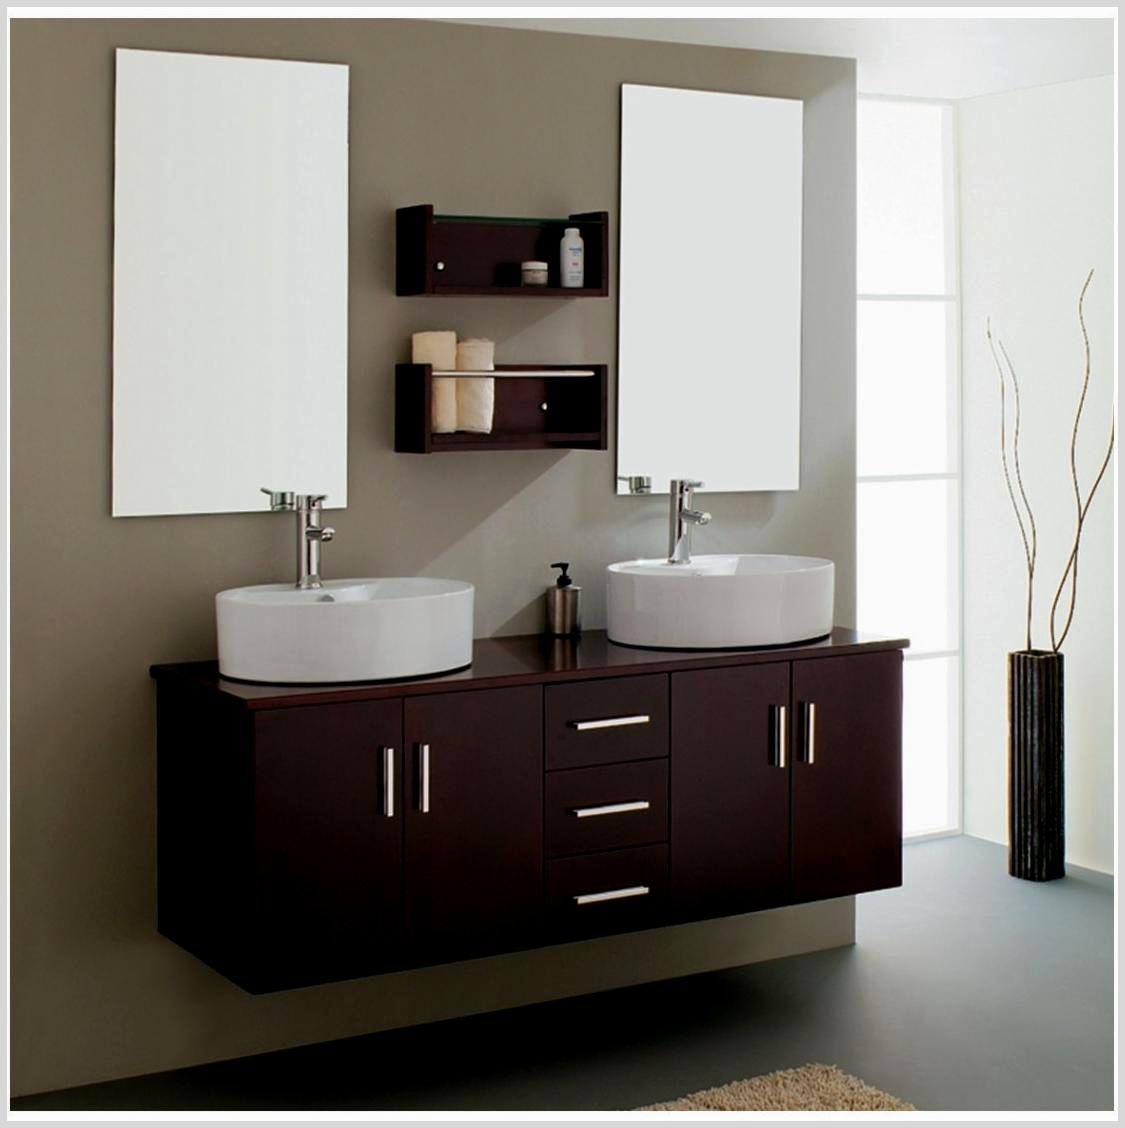 fascinating bathroom sink vanity picture-Stunning Bathroom Sink Vanity Portrait